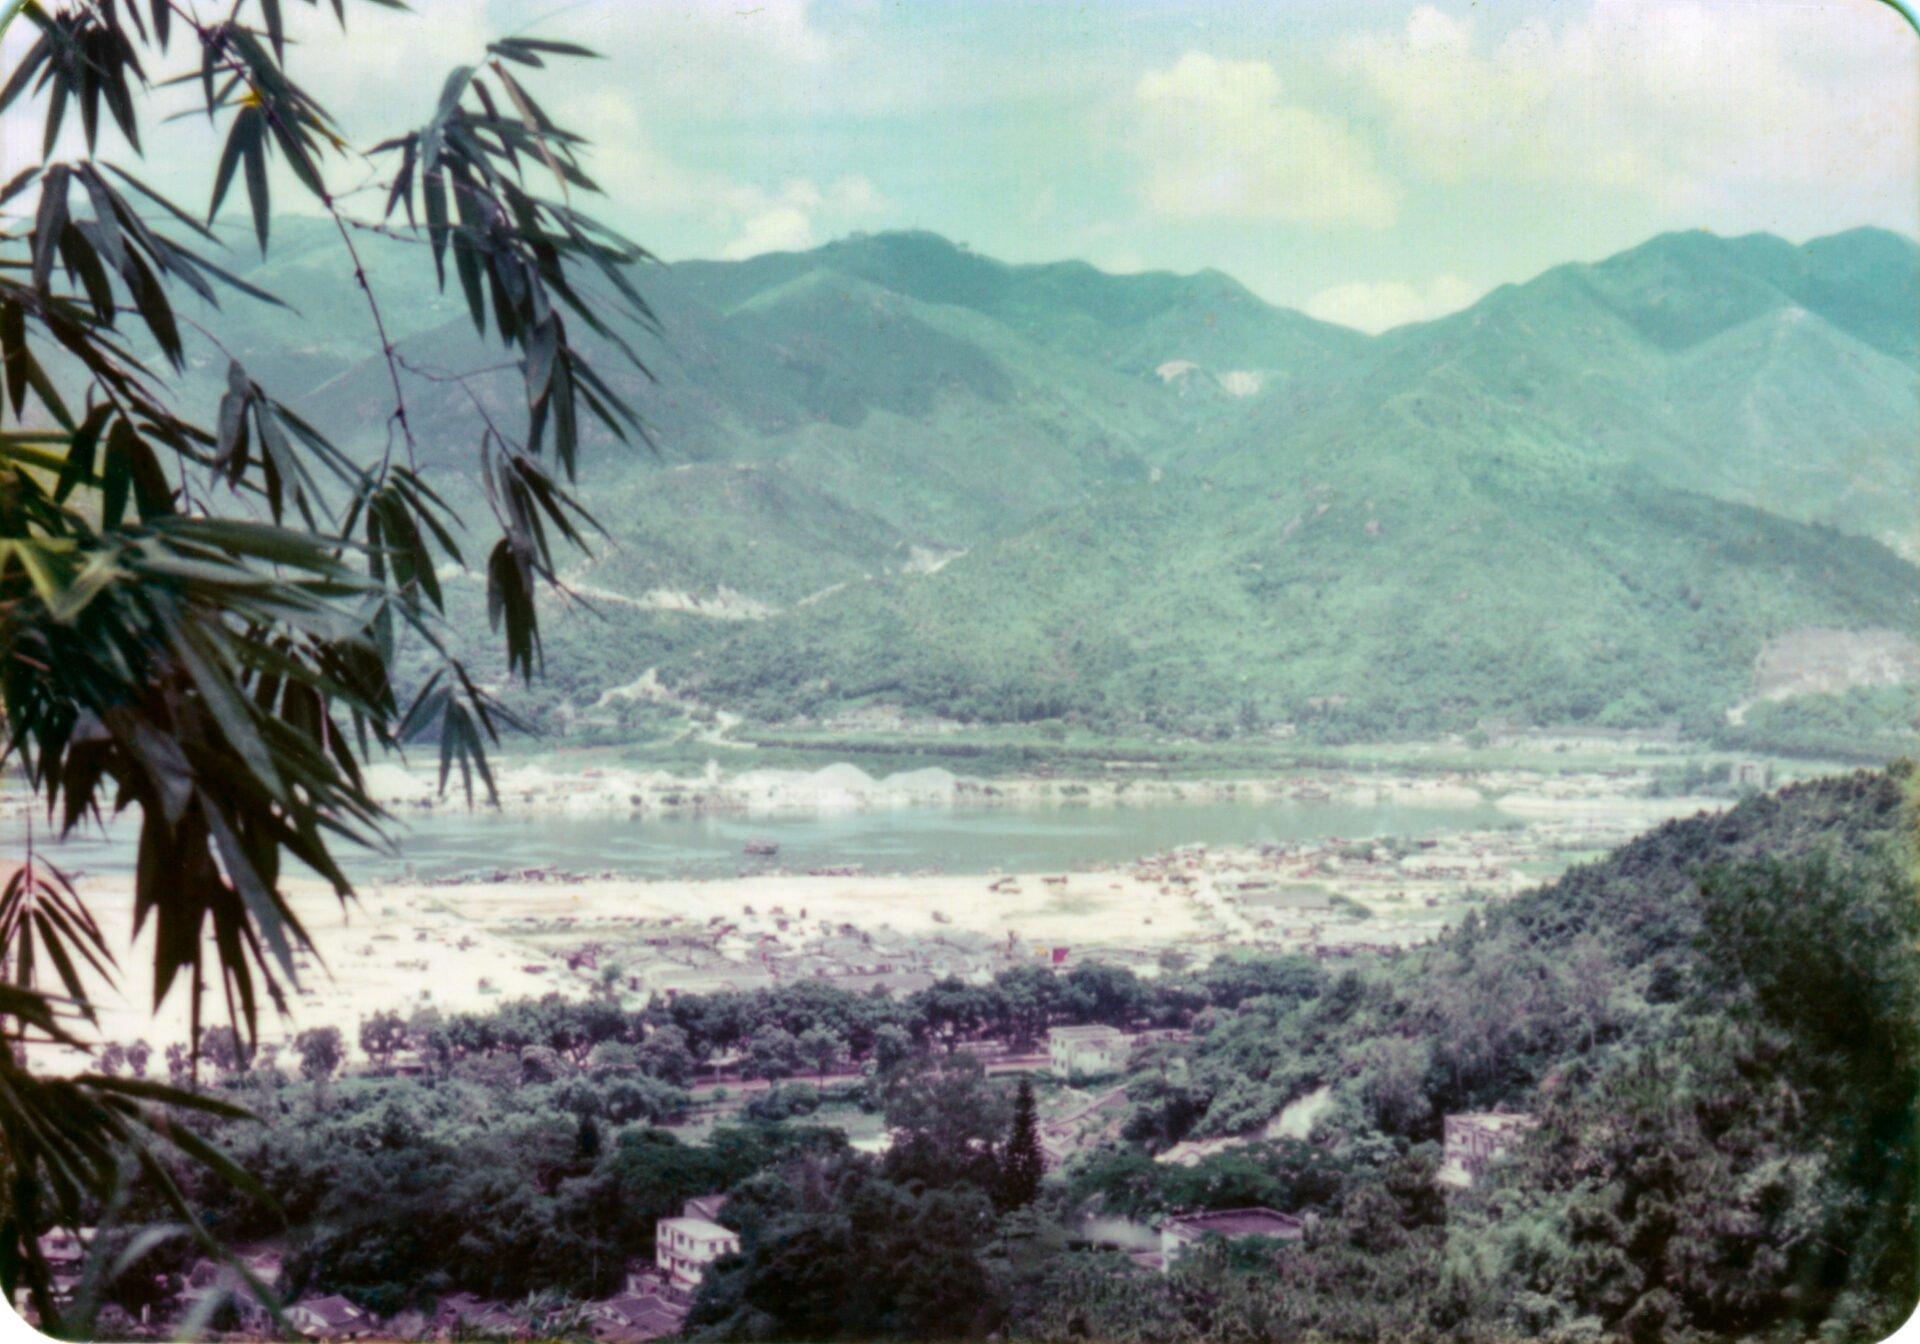 View from Shatin monastery Hong Kong